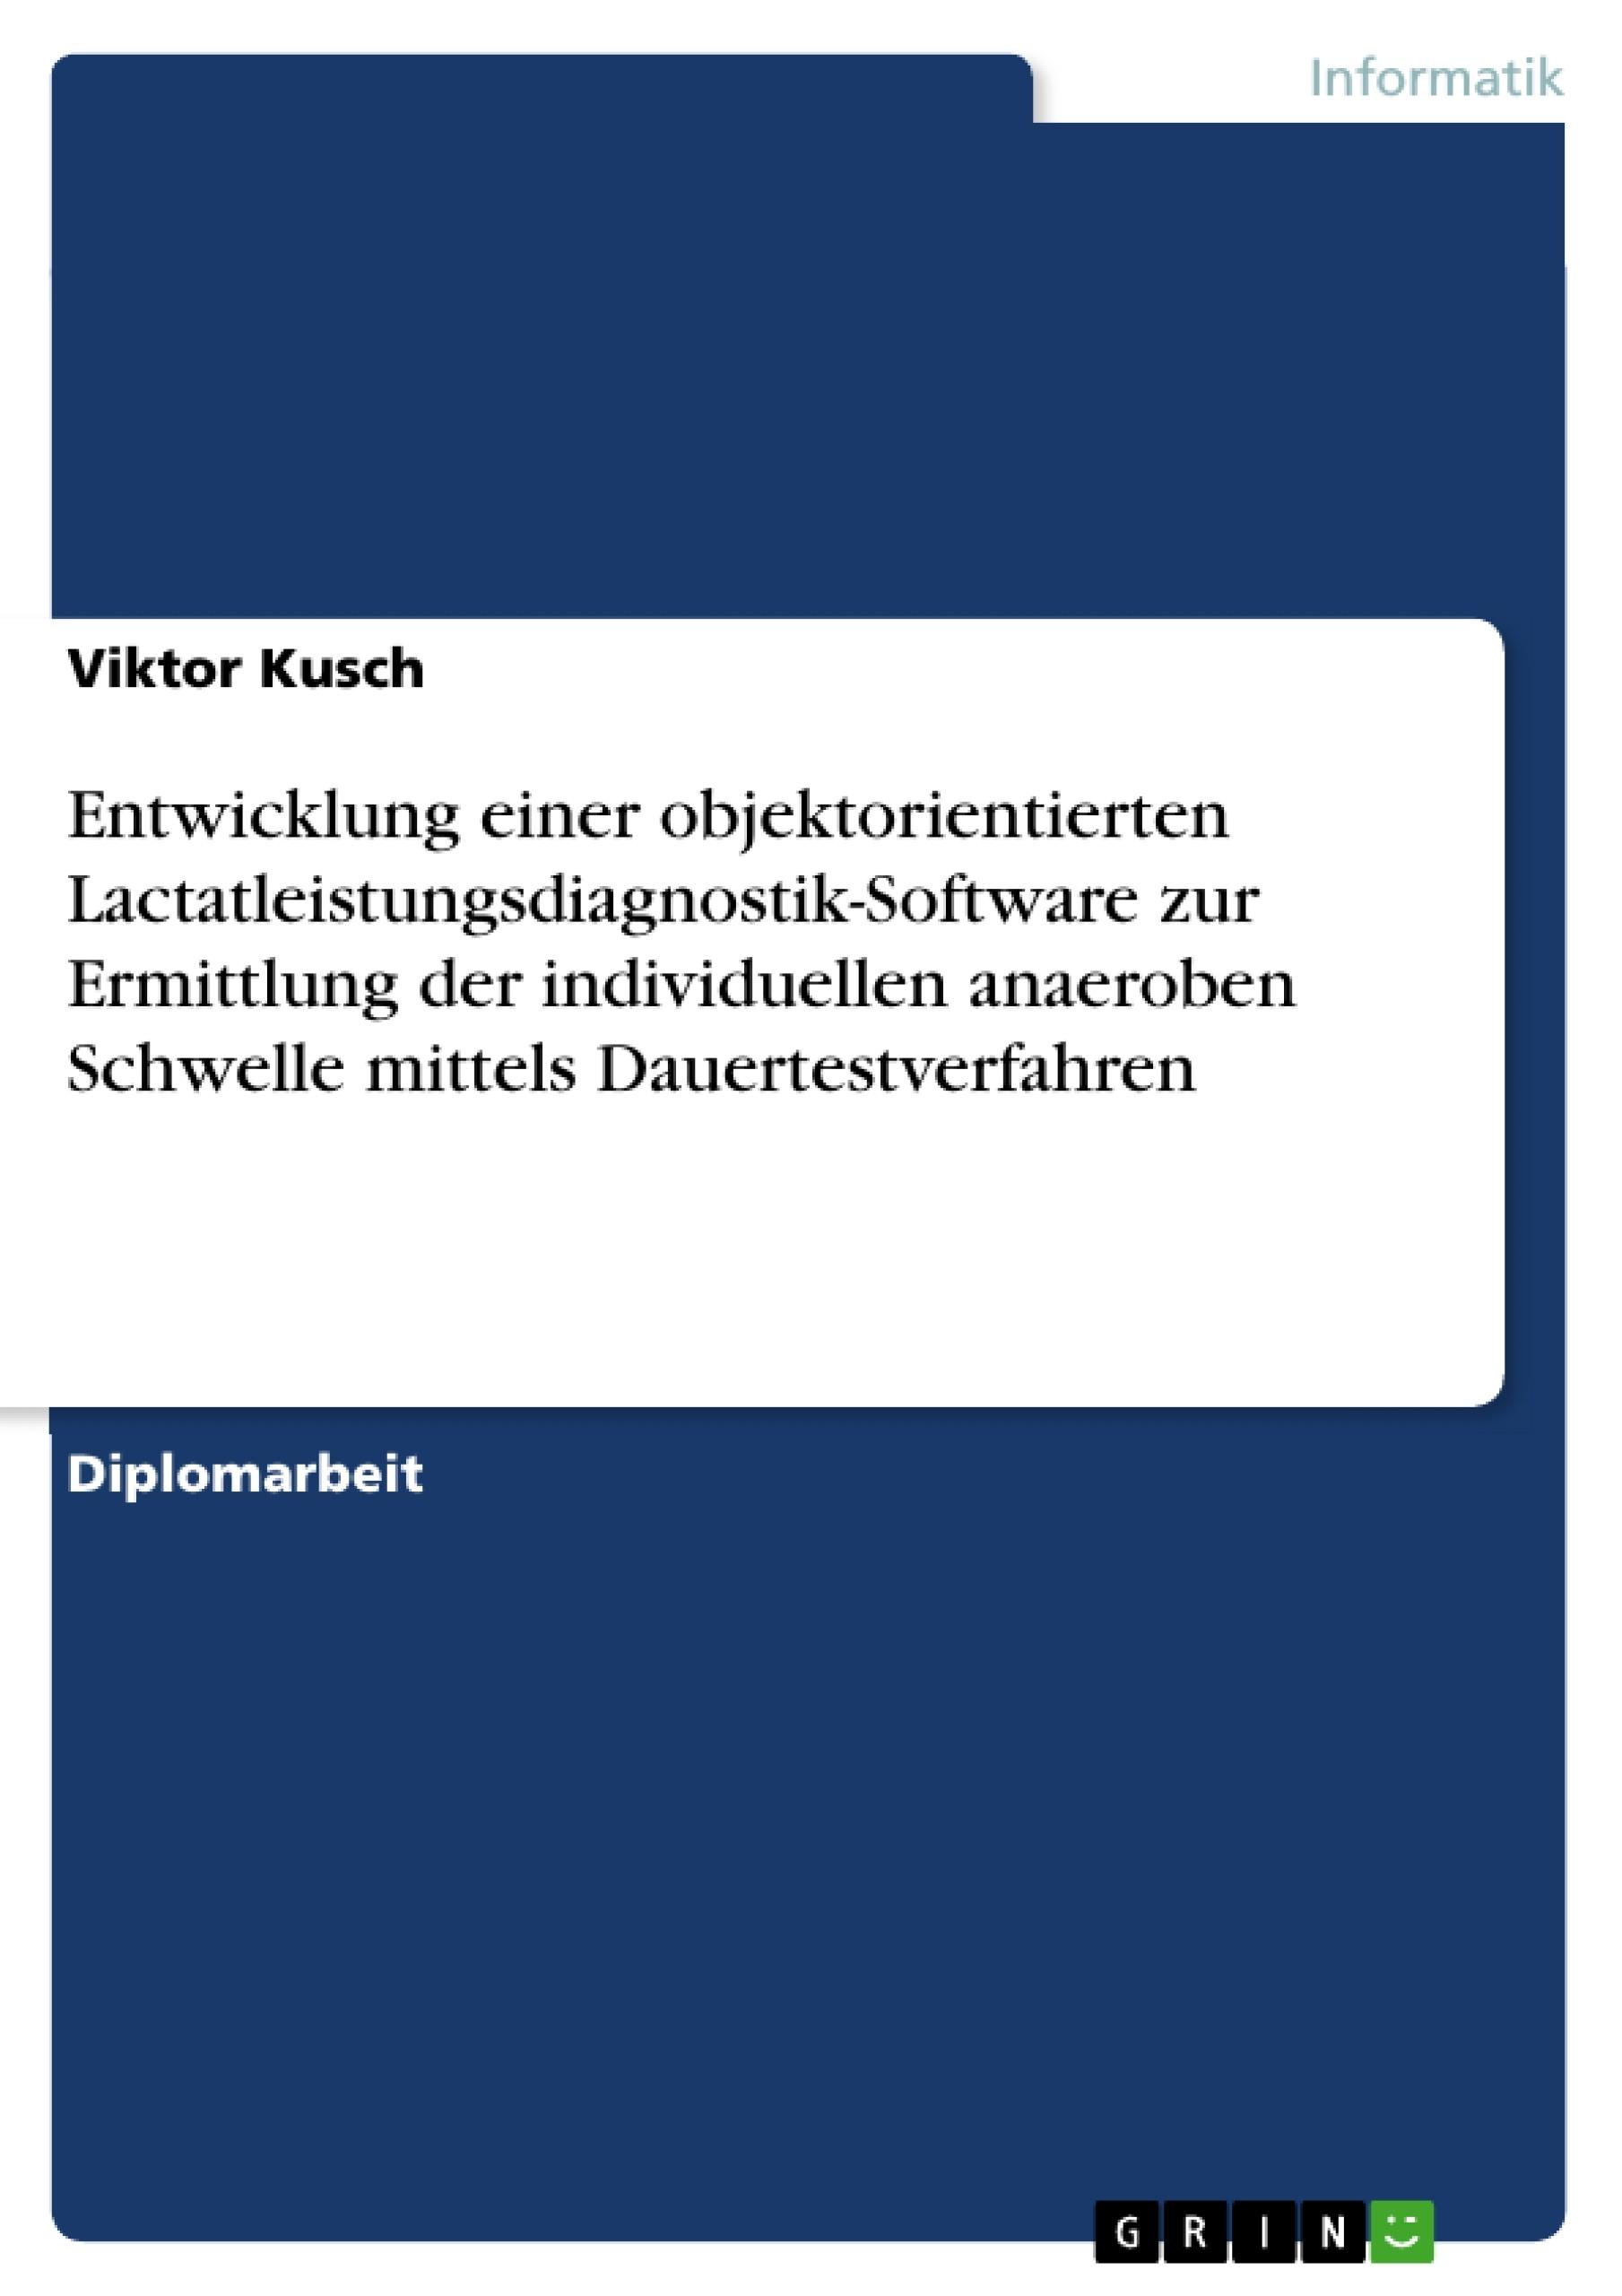 Titel: Entwicklung einer objektorientierten Lactatleistungsdiagnostik-Software zur Ermittlung der individuellen anaeroben Schwelle mittels Dauertestverfahren